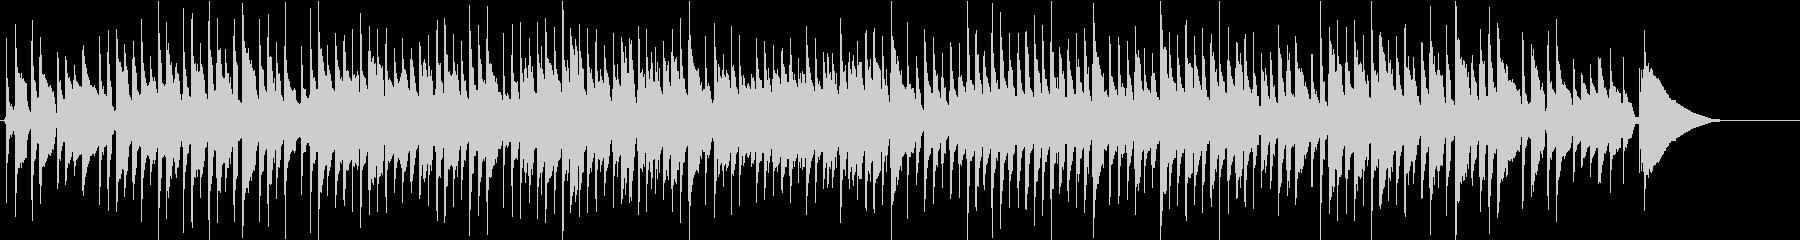 アコギ生演奏 クリスマス ワルツの未再生の波形